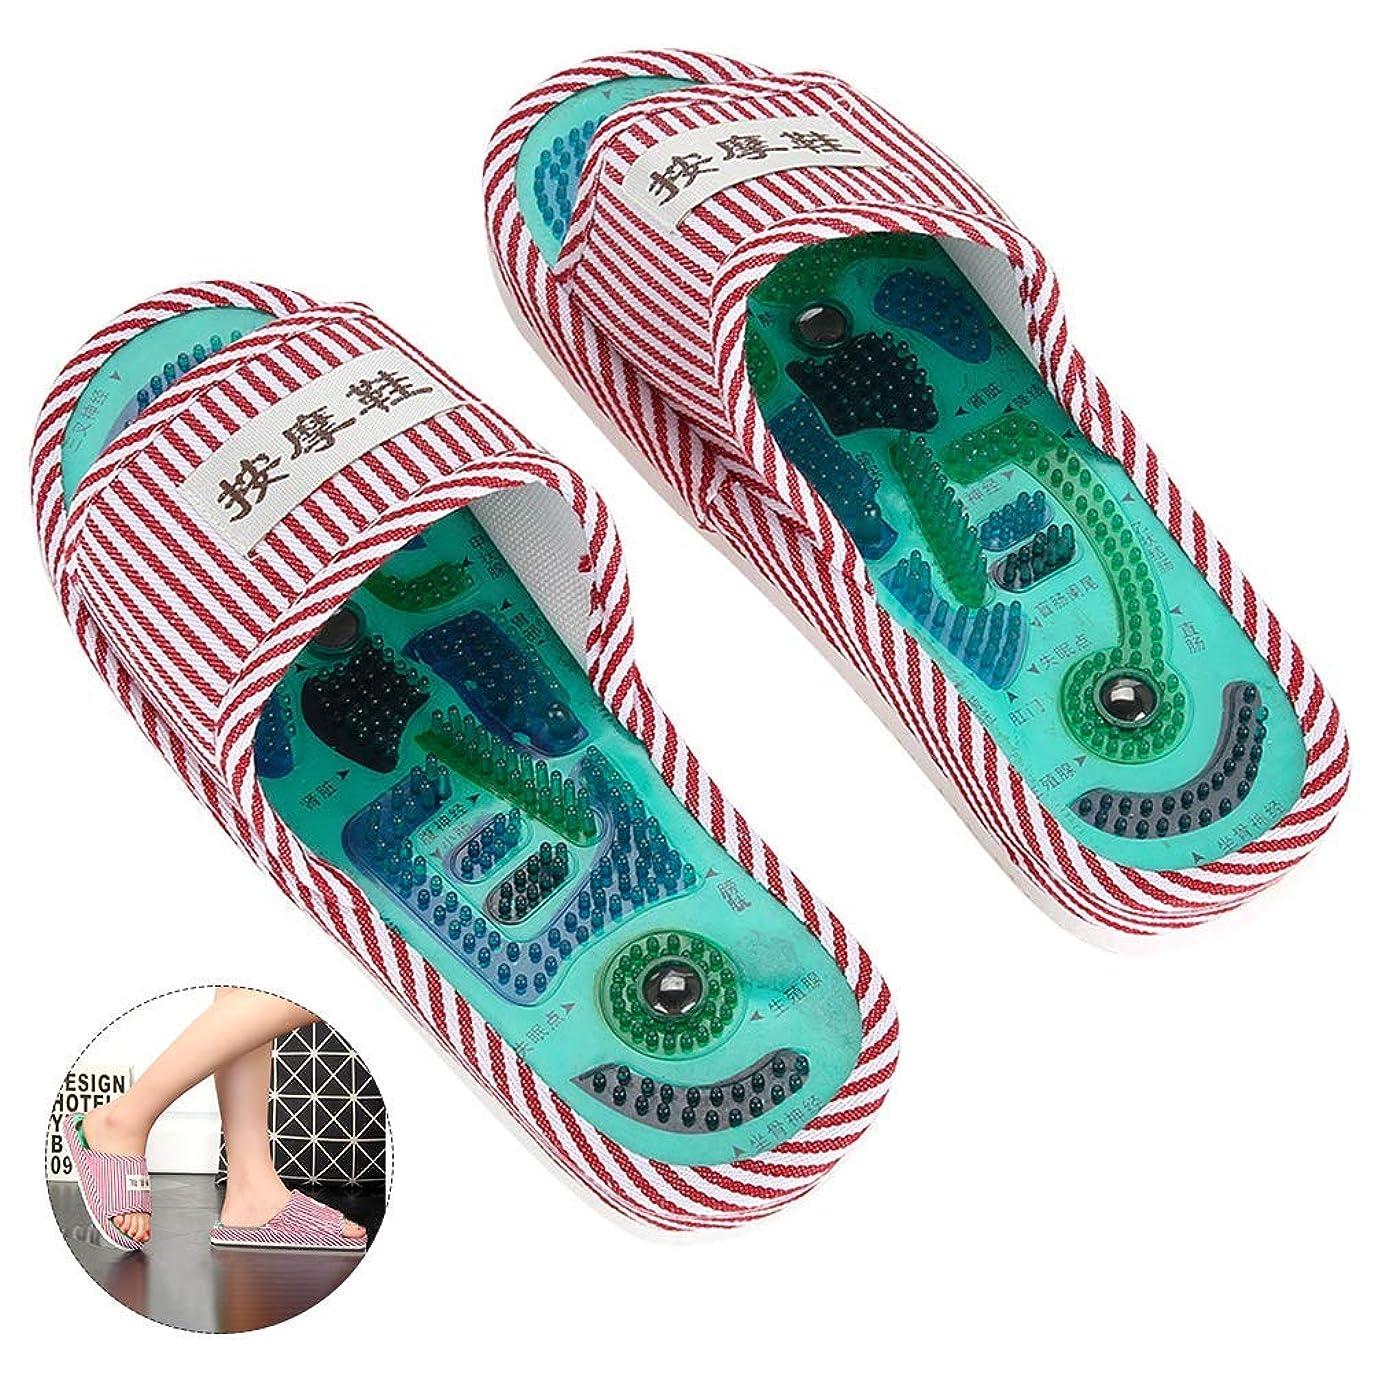 煙突状ゆるく1ペア指圧足のマッサージスリッパ鍼灸ツボマッサージサンダル靴、で、マグネットリフレクソロジー健康靴用男性女性,Pink